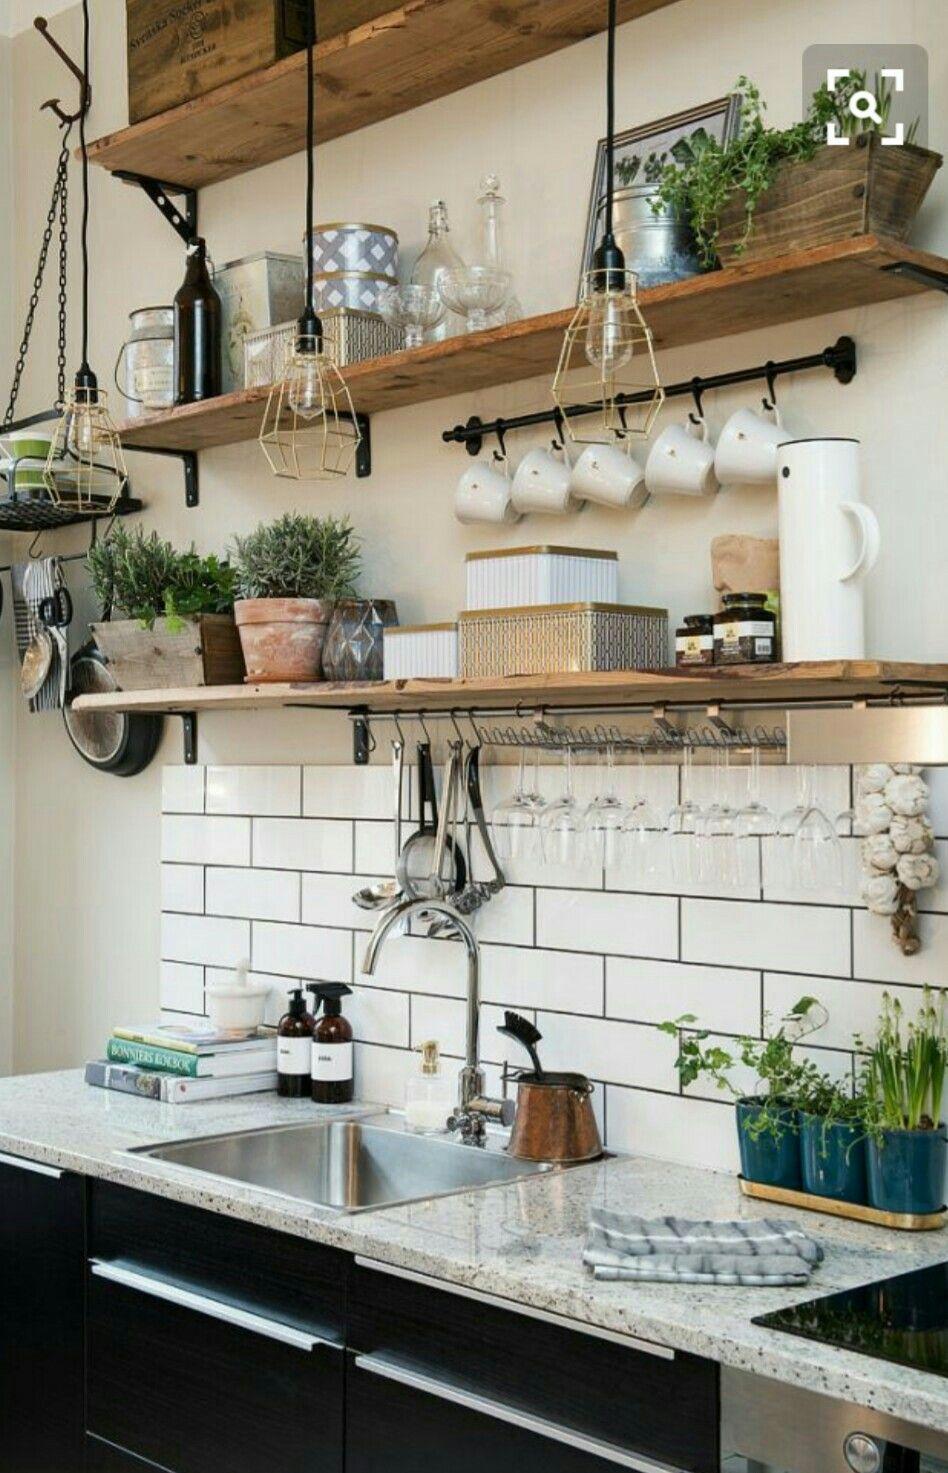 Pin von maela basto auf ..Wunderworte.. | Pinterest | Küche, Wohnen ...